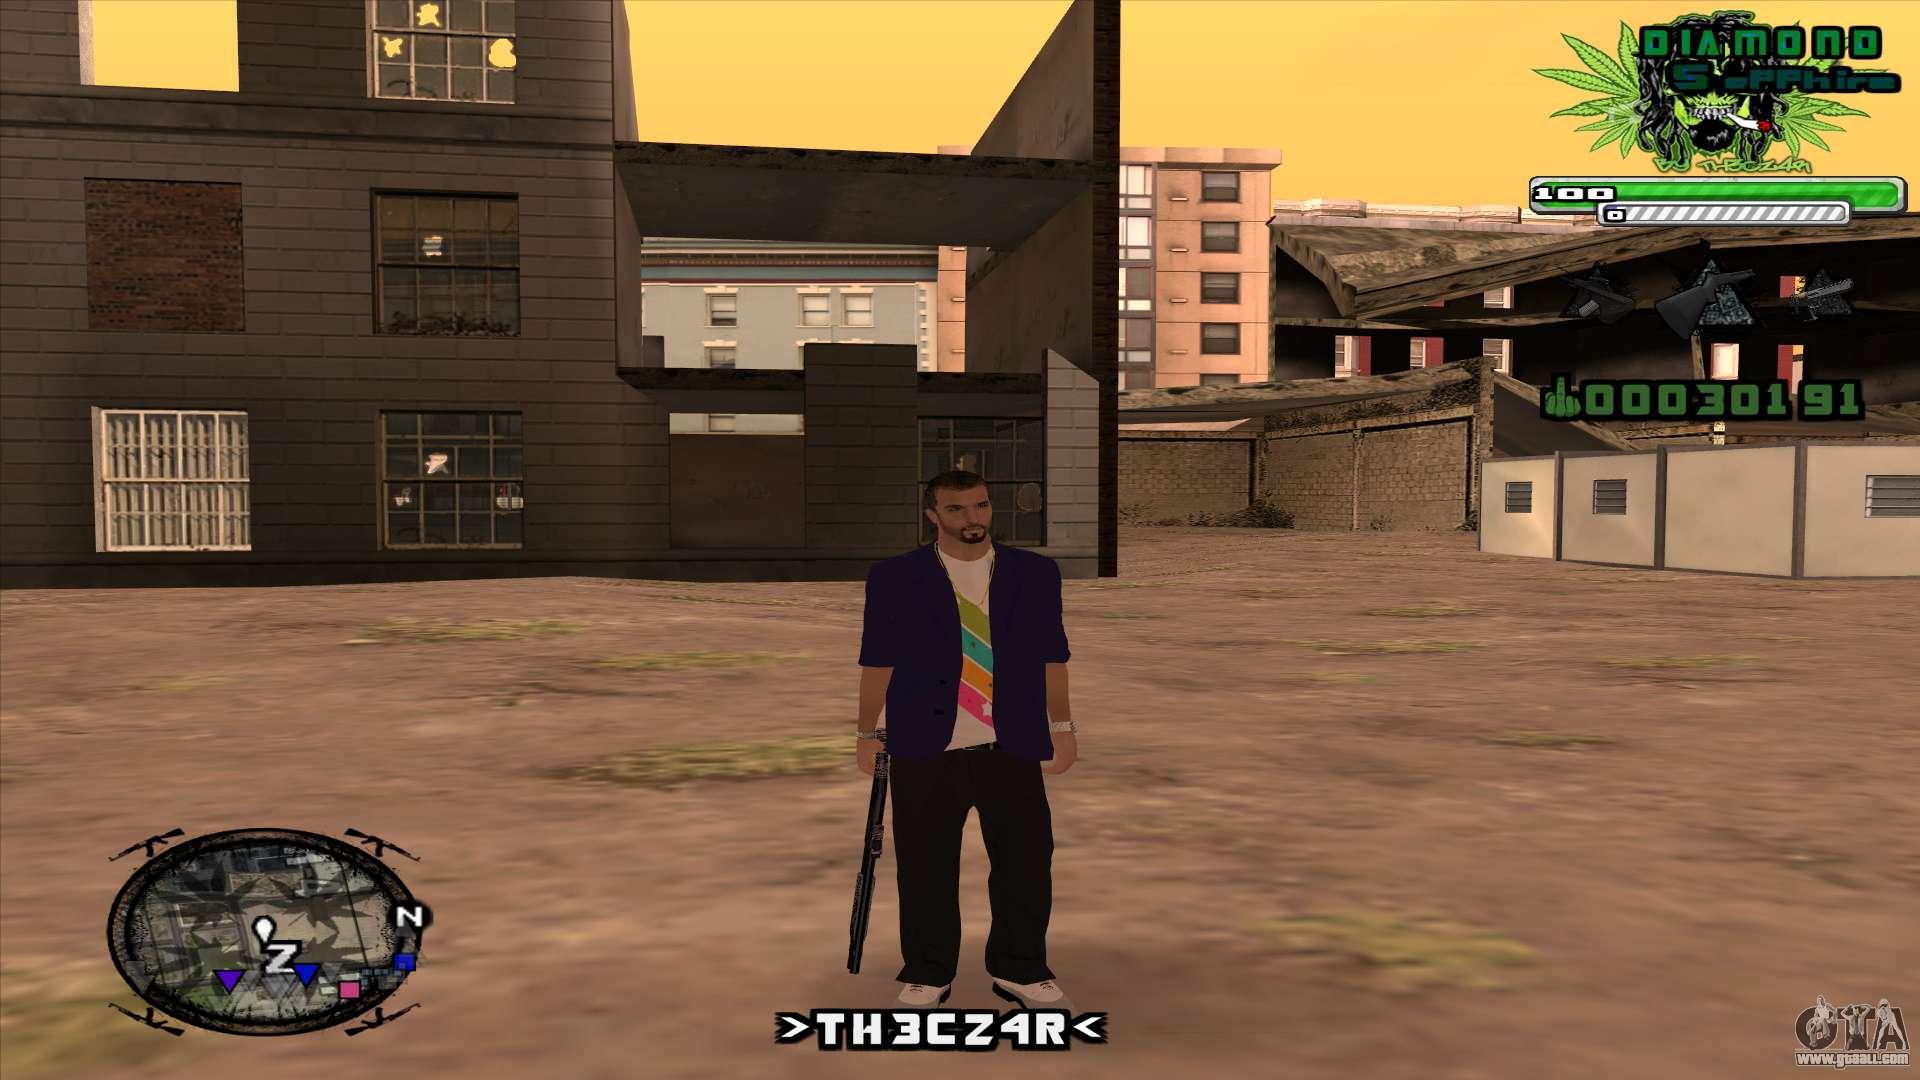 Gta V City Game Download